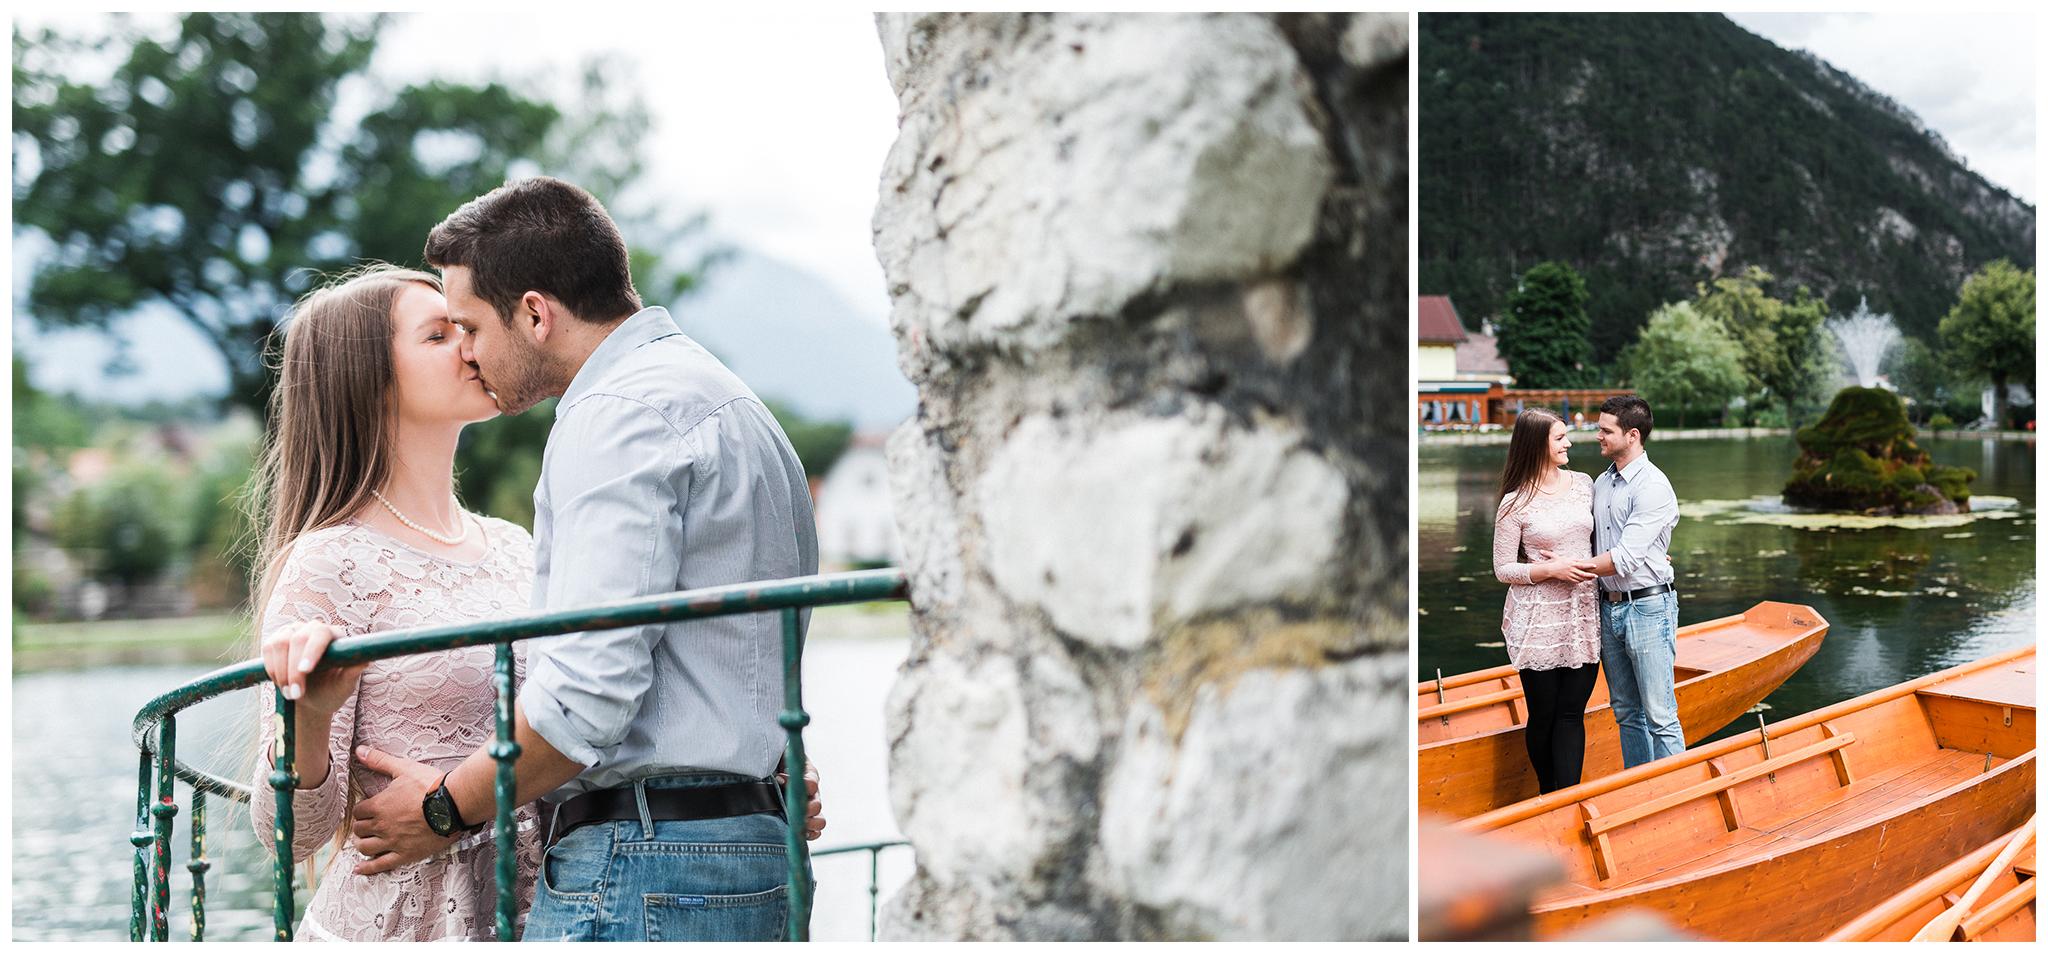 MONT_FylepPhoto, Esküvőfotós Vasmegye, Esküvő fotózás, Esküvői fotós, Körmend, Vas megye, Dunántúl, Budapest, Fülöp Péter, Jegyes fotózás, jegyes, kreatív, kreatívfotózás, Balaton, Ausztira_004.jpg